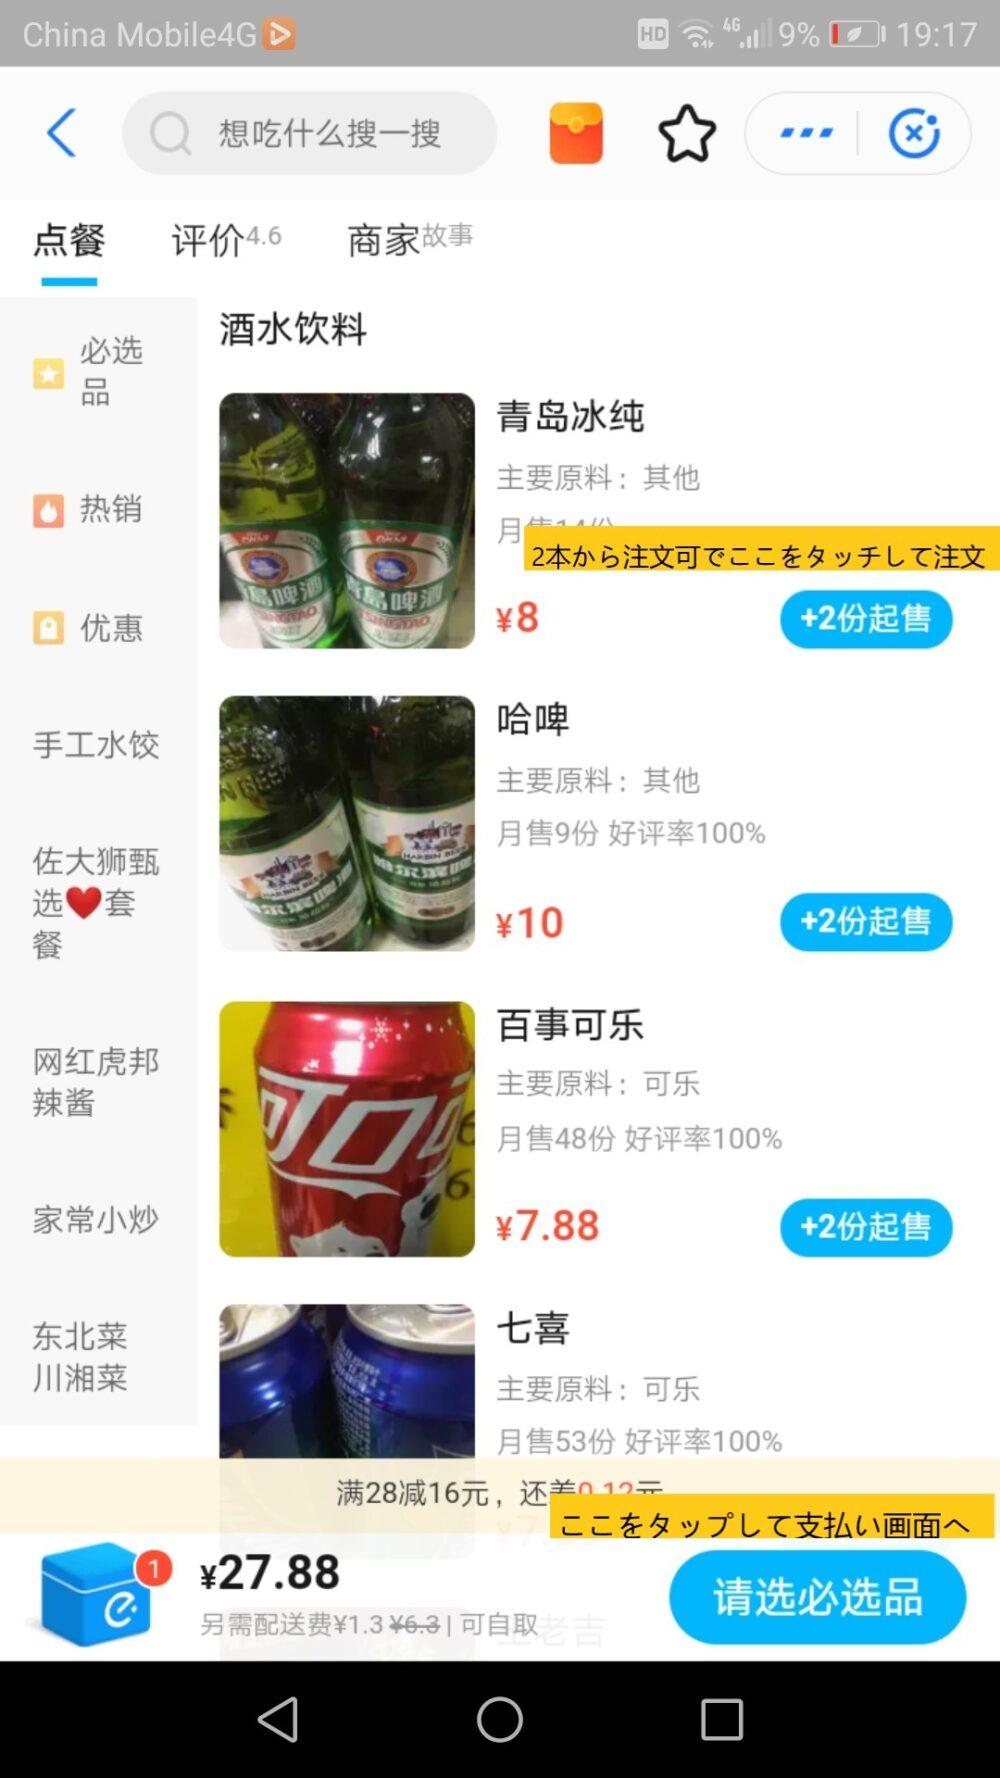 フードデリバリーアプリの饿了么で実際にビール2本を注文している画面のスクリーンショットした画像